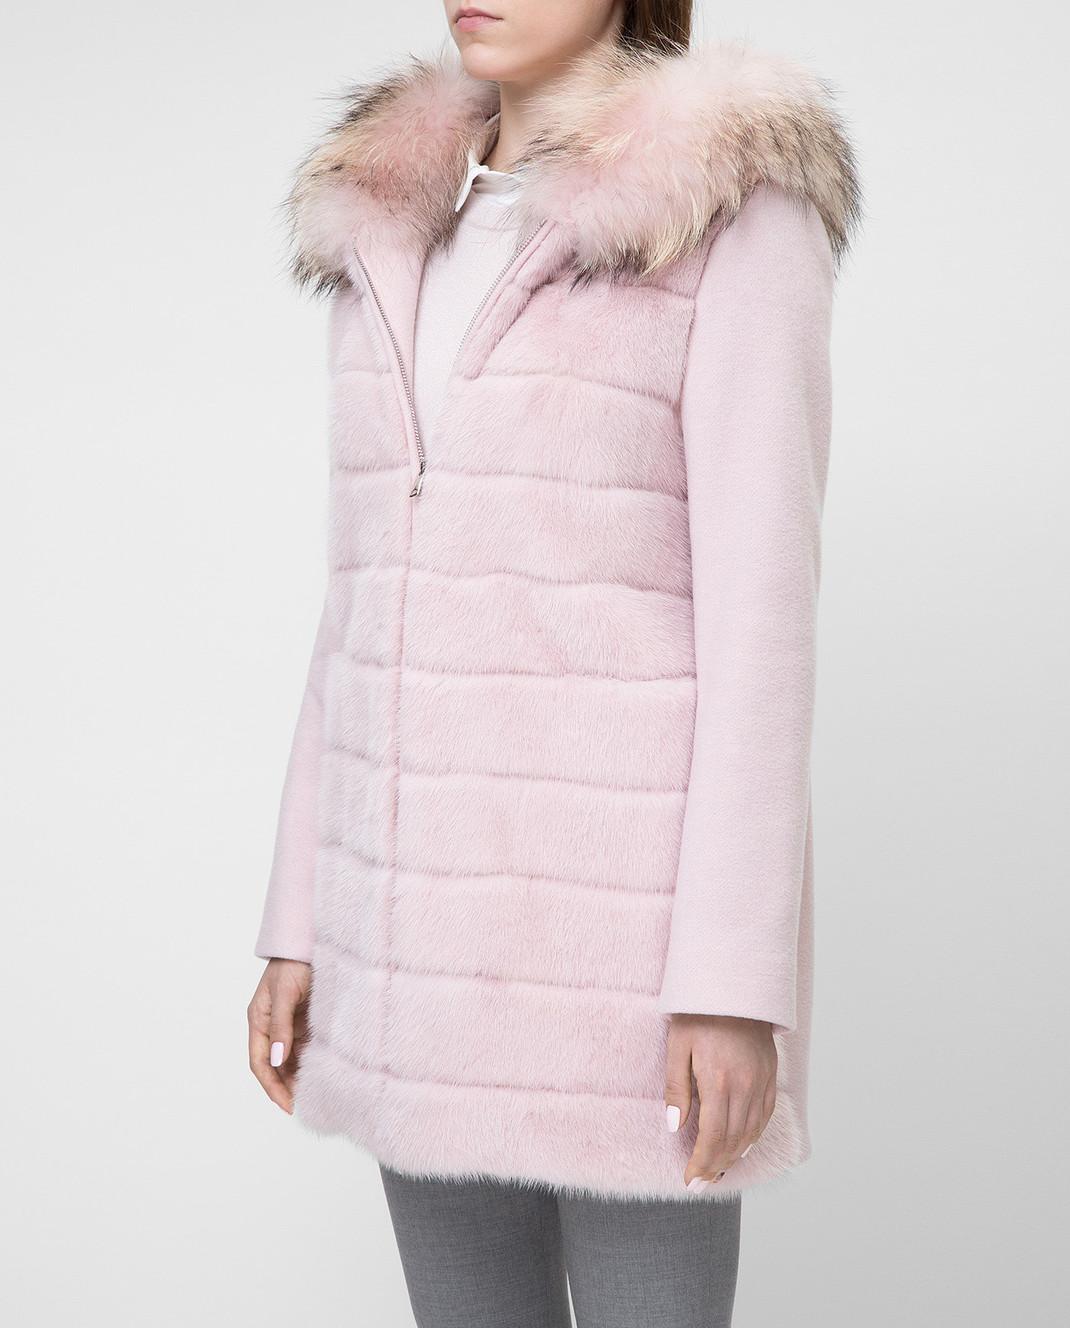 Real Furs House Розовое пальто с мехом енота 922RFH изображение 3